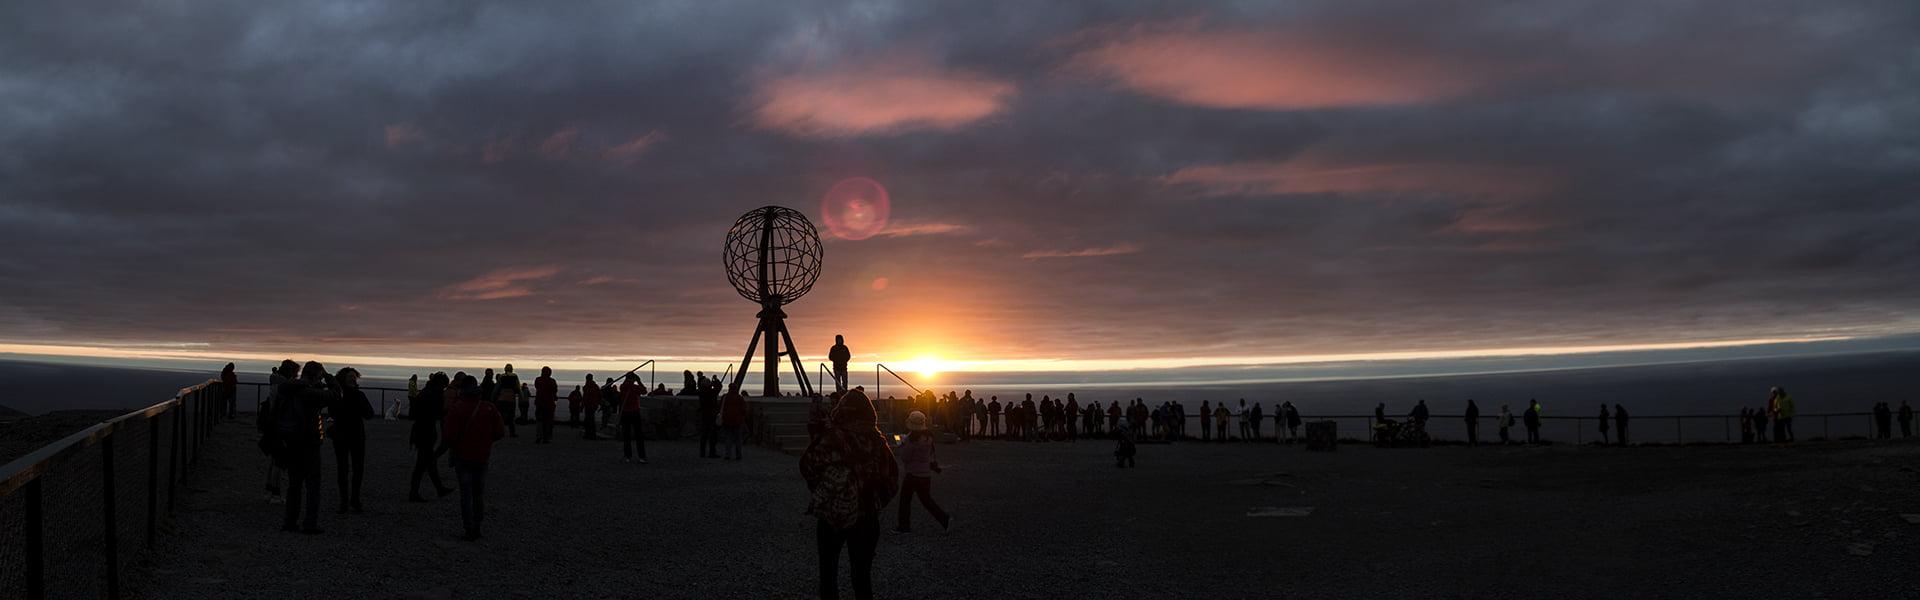 Sonnenuntergang am Nordkapp.